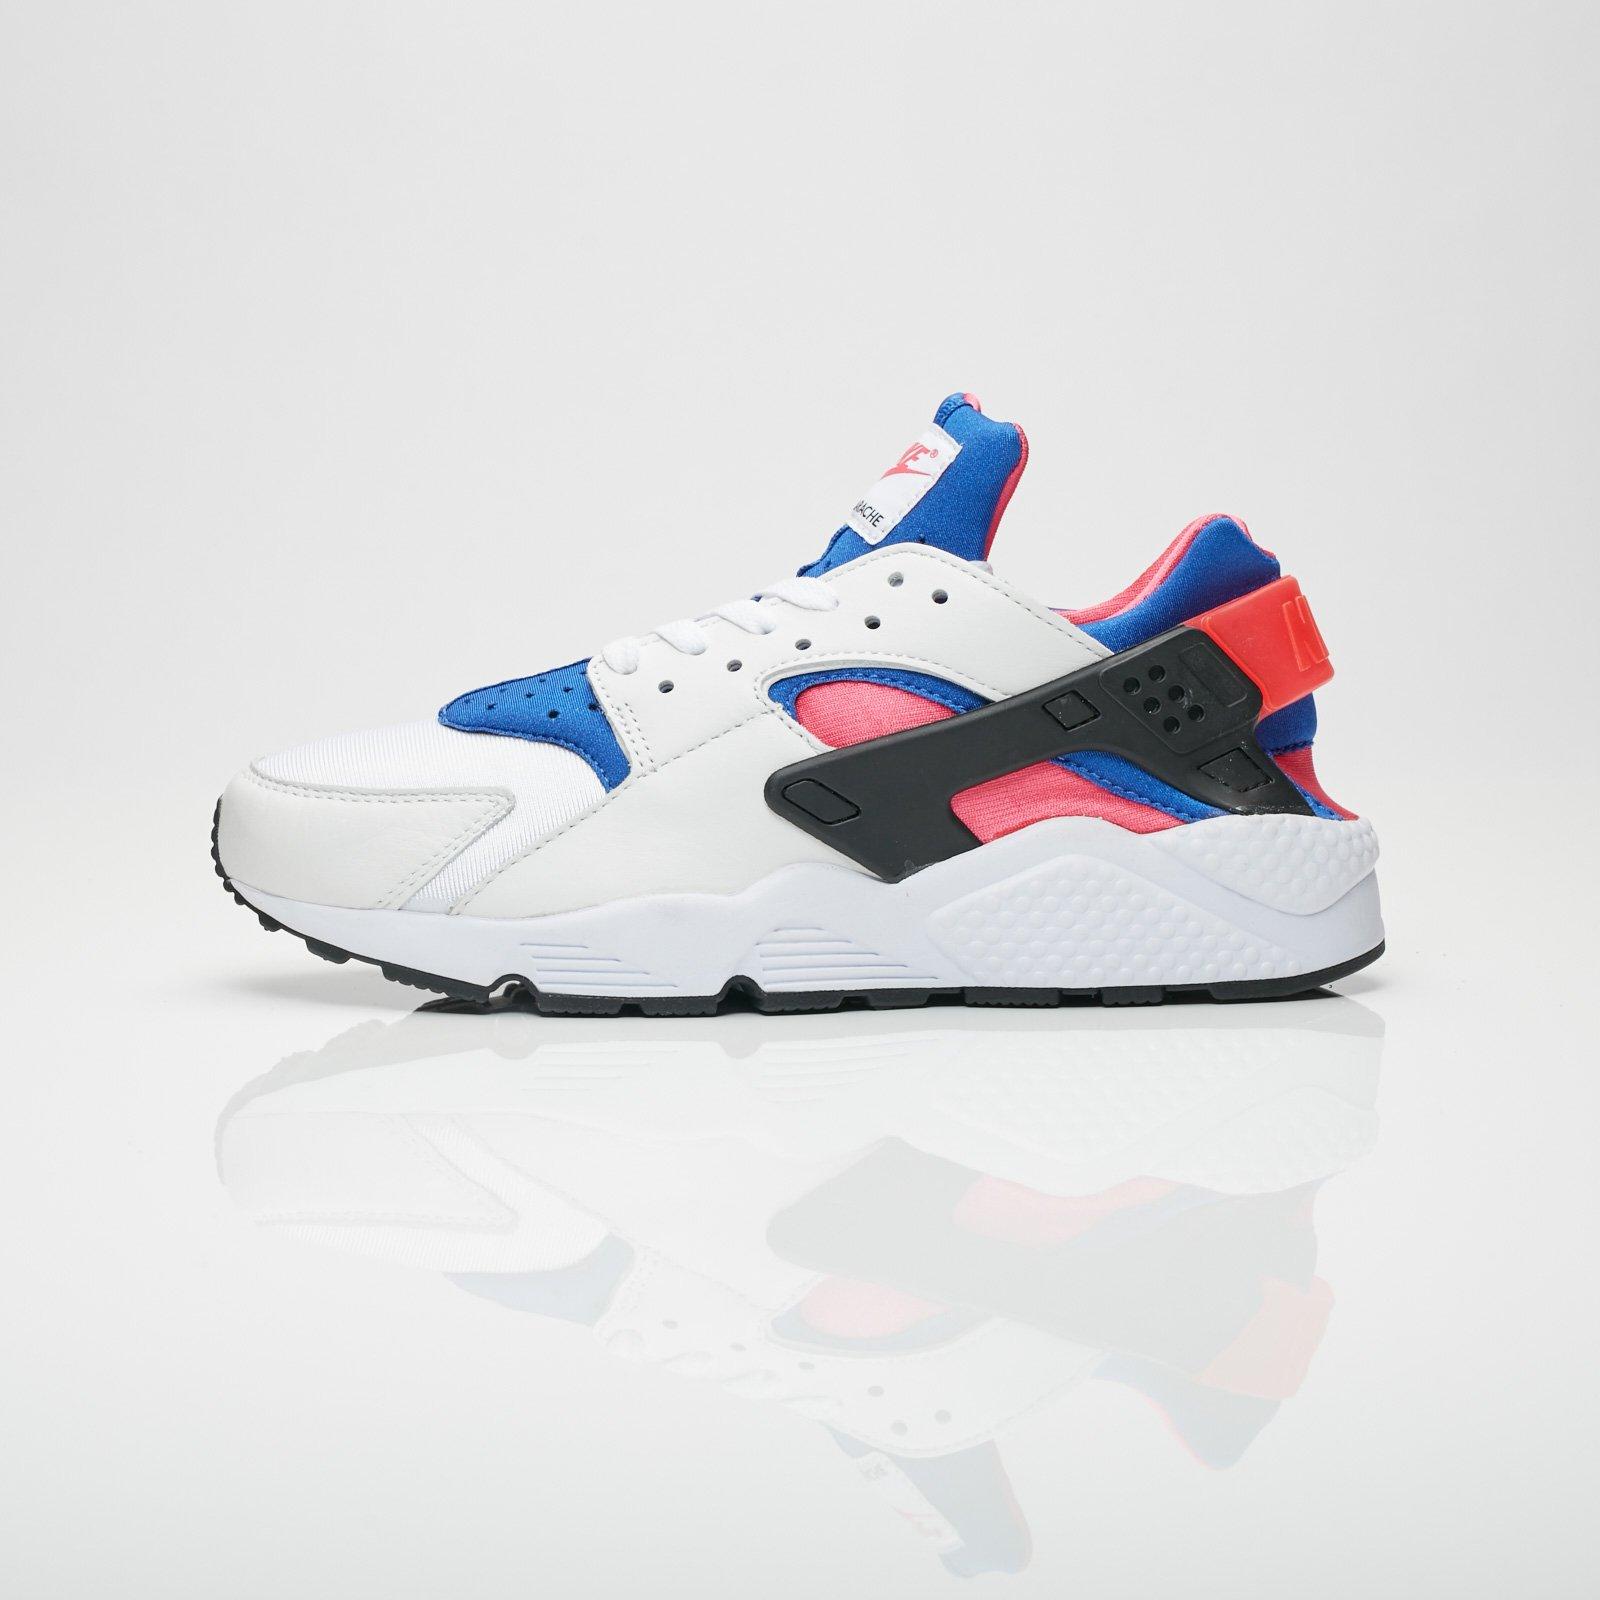 cecc457e343bf Nike Air Huarache Run 91 QS - Ah8049-100 - Sneakersnstuff